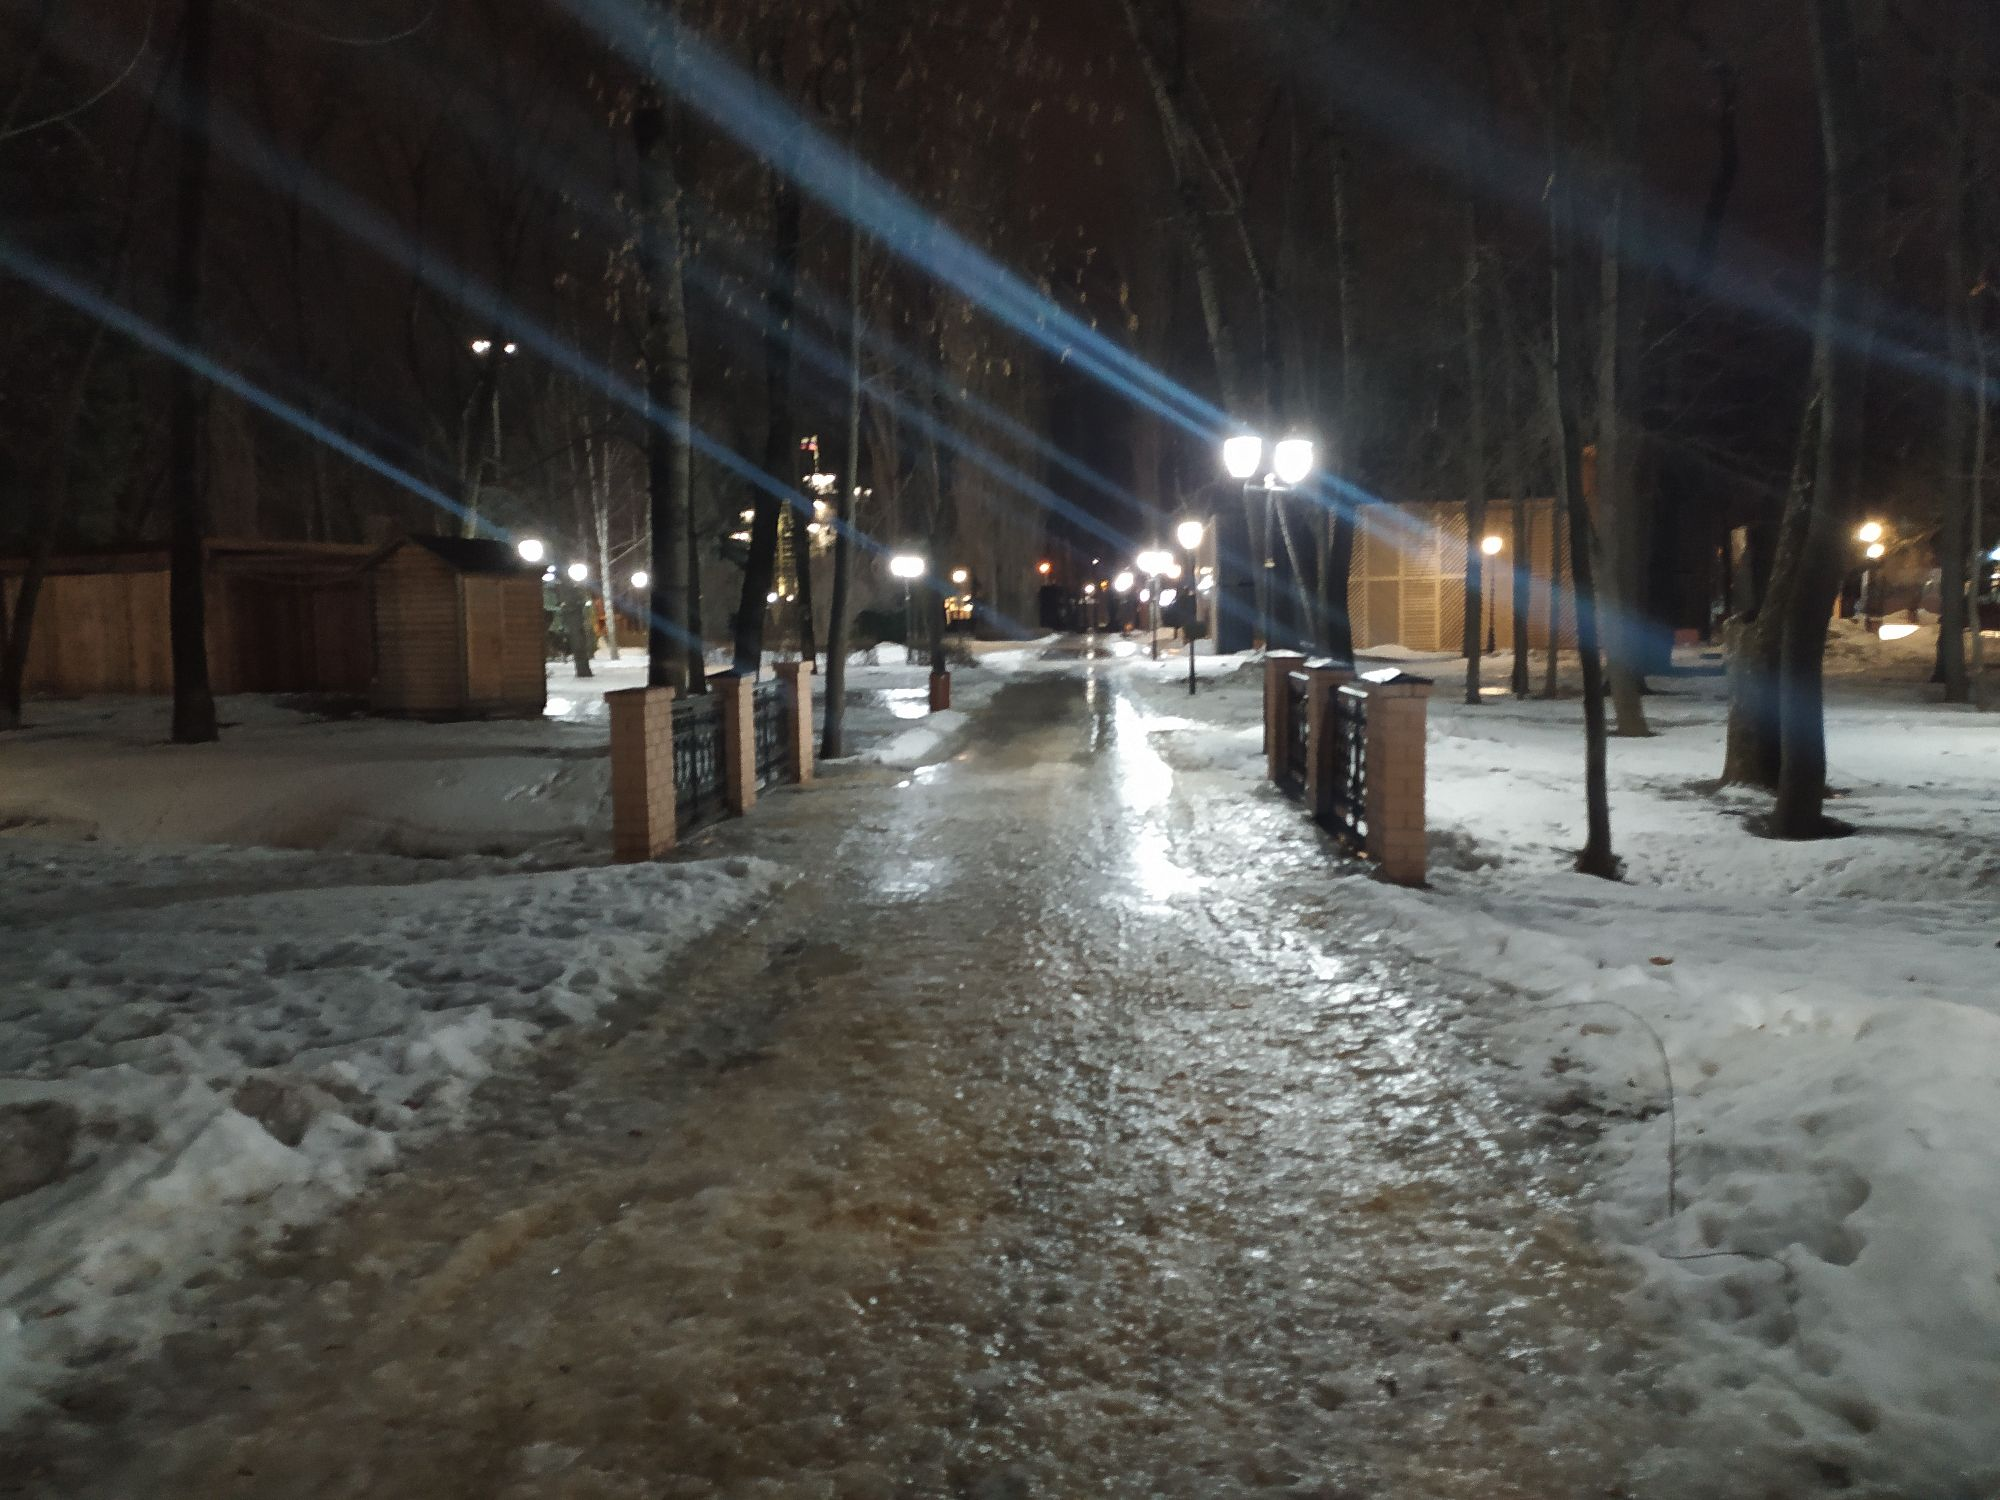 Март 2021 Нижний парк Липецк. Не много посыпано песком, но не везде. Все равно скользко и без шипов на ботинках не пройти!